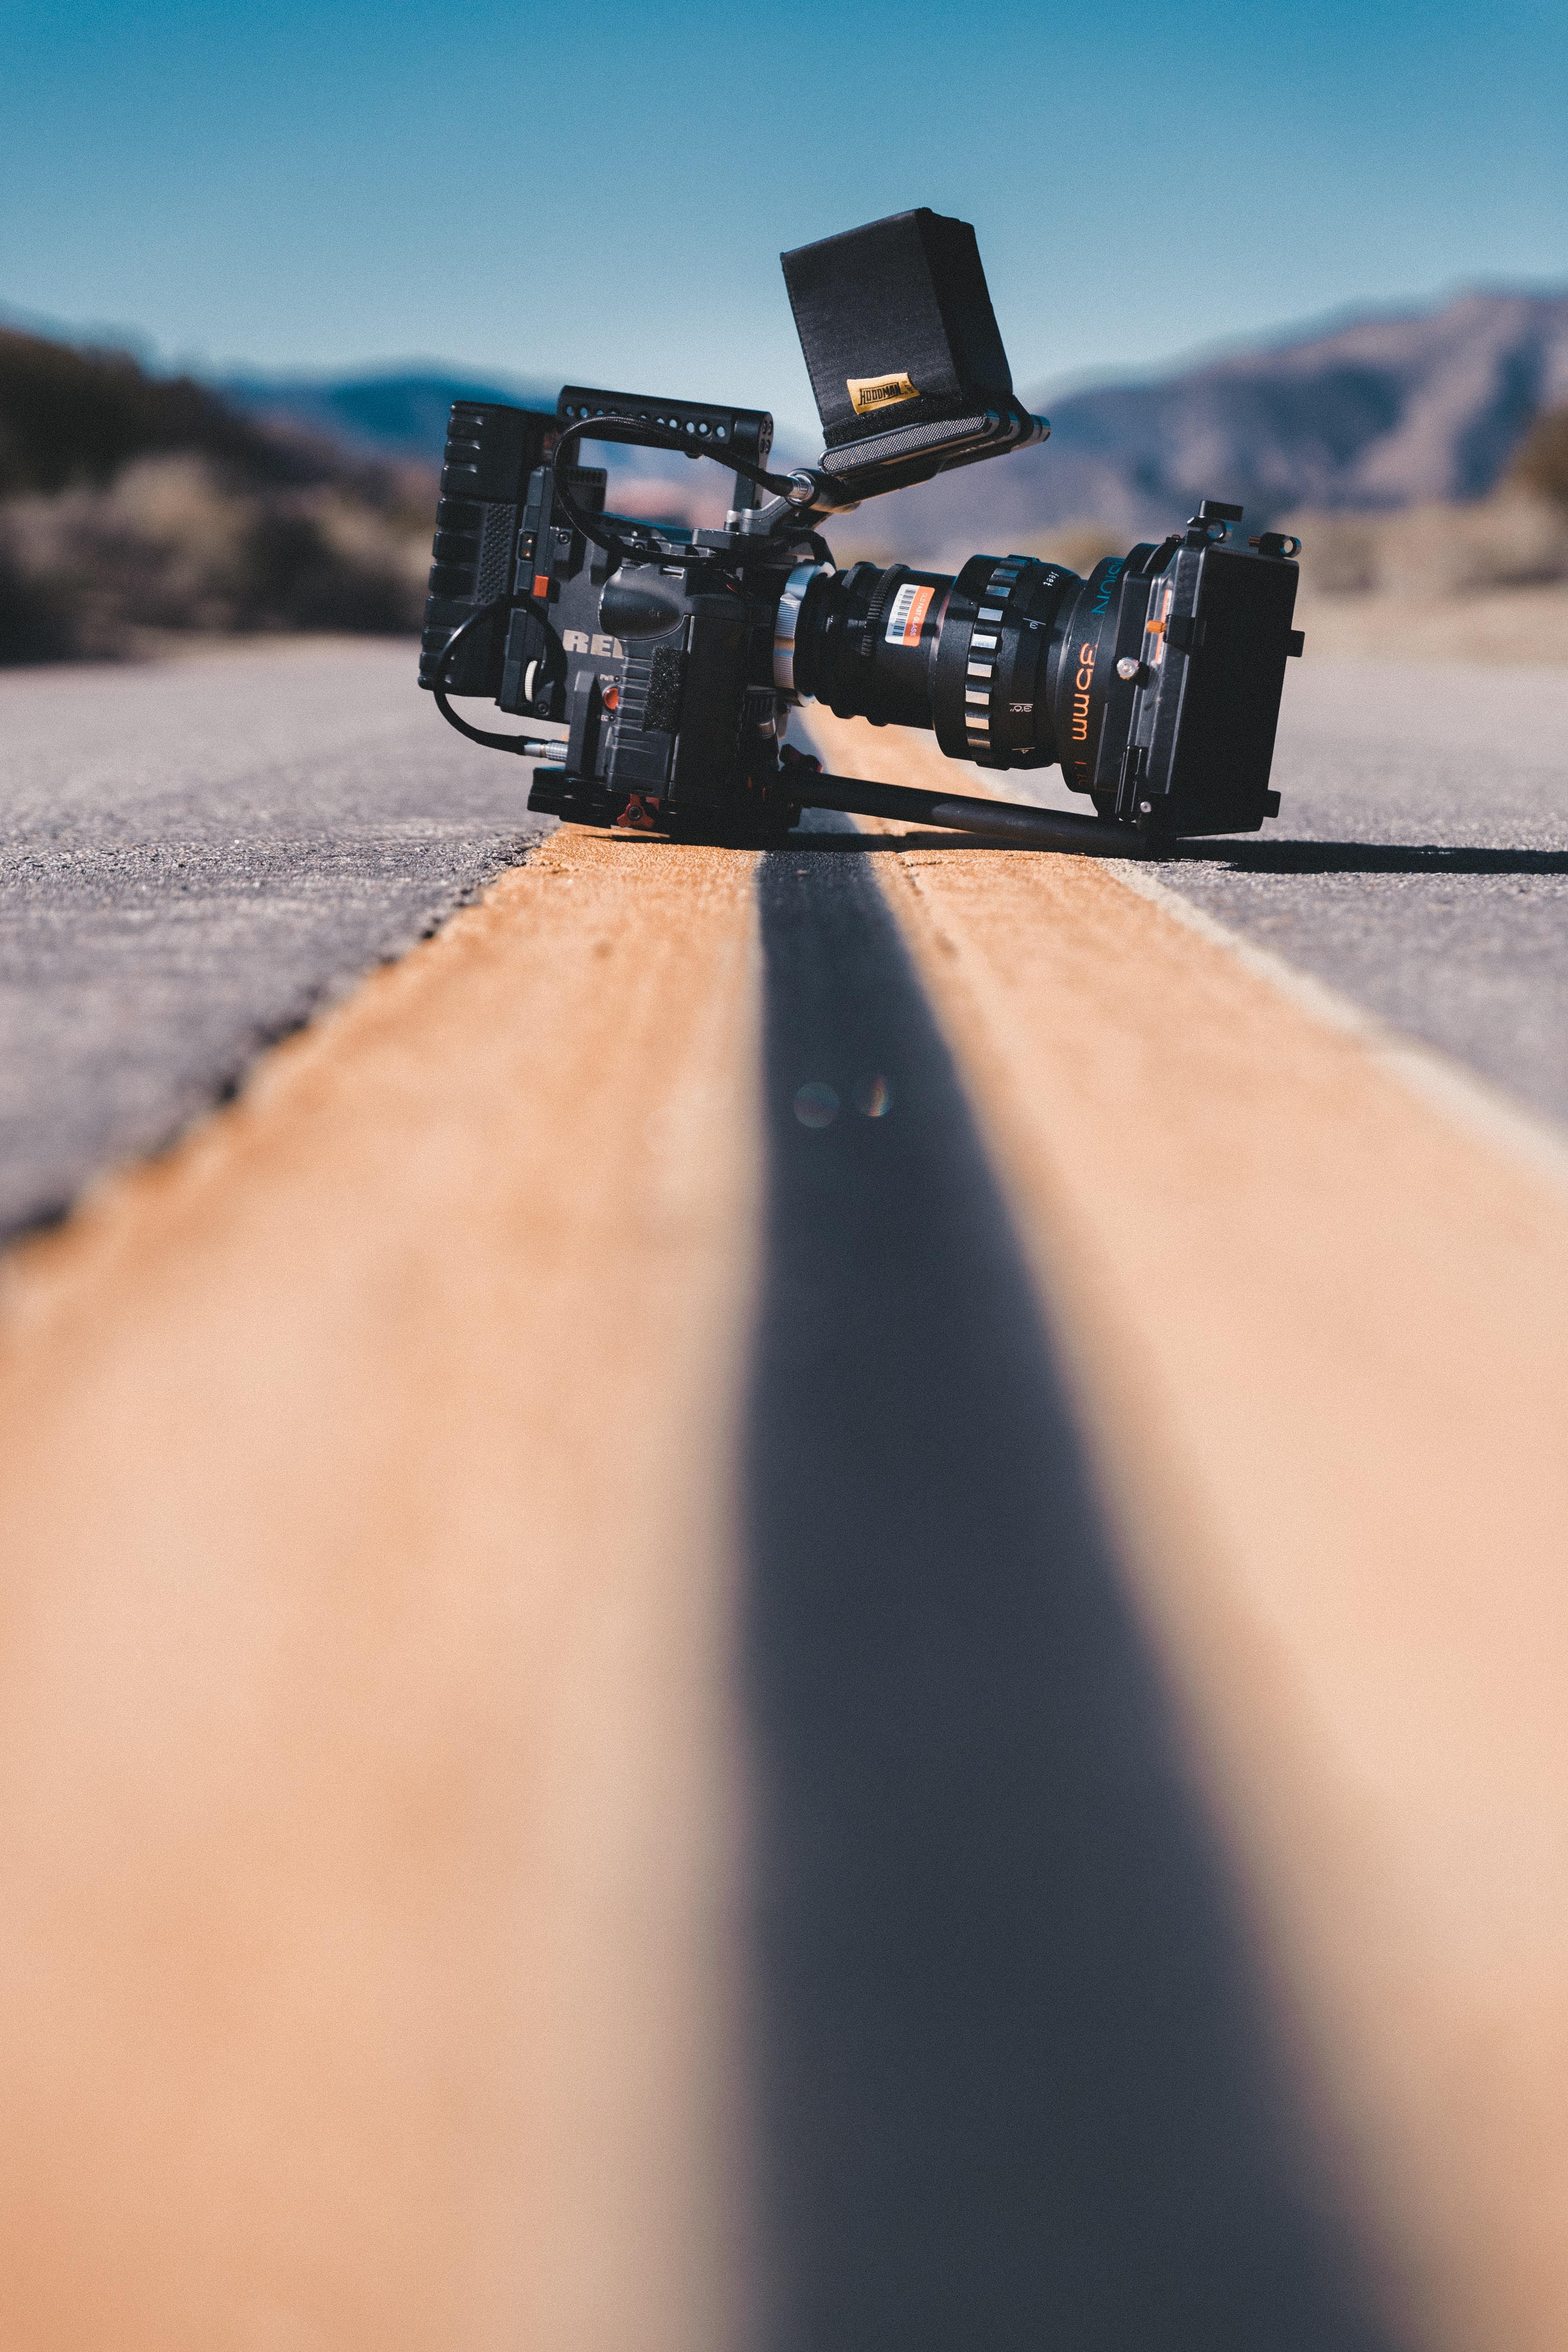 black shoulder-held camcorder on road